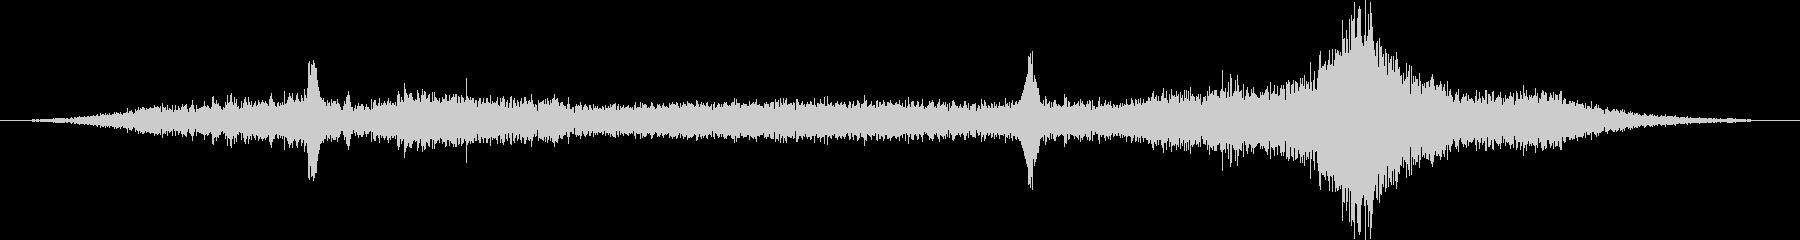 40フィートディーゼルハイブリッド...の未再生の波形